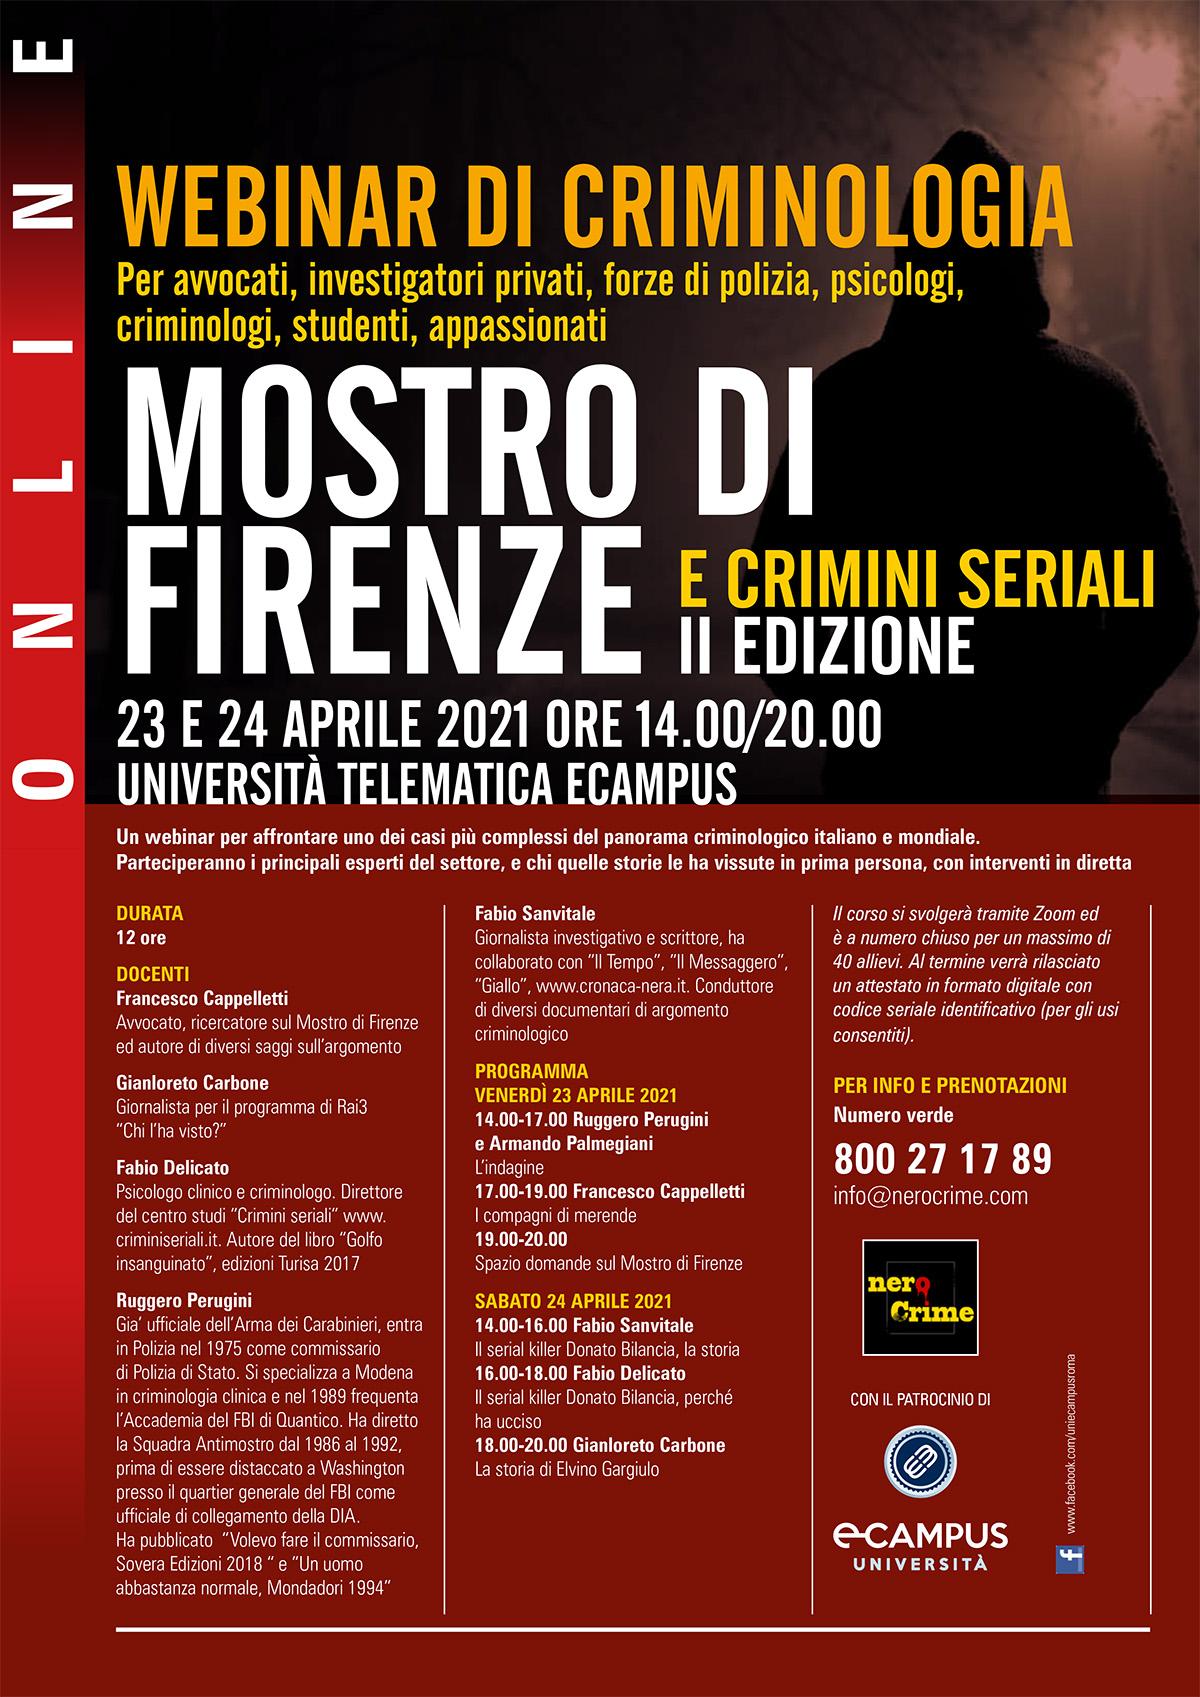 Locandina con date e dettagli del webinar in criminologia sul Mostro di Firenze